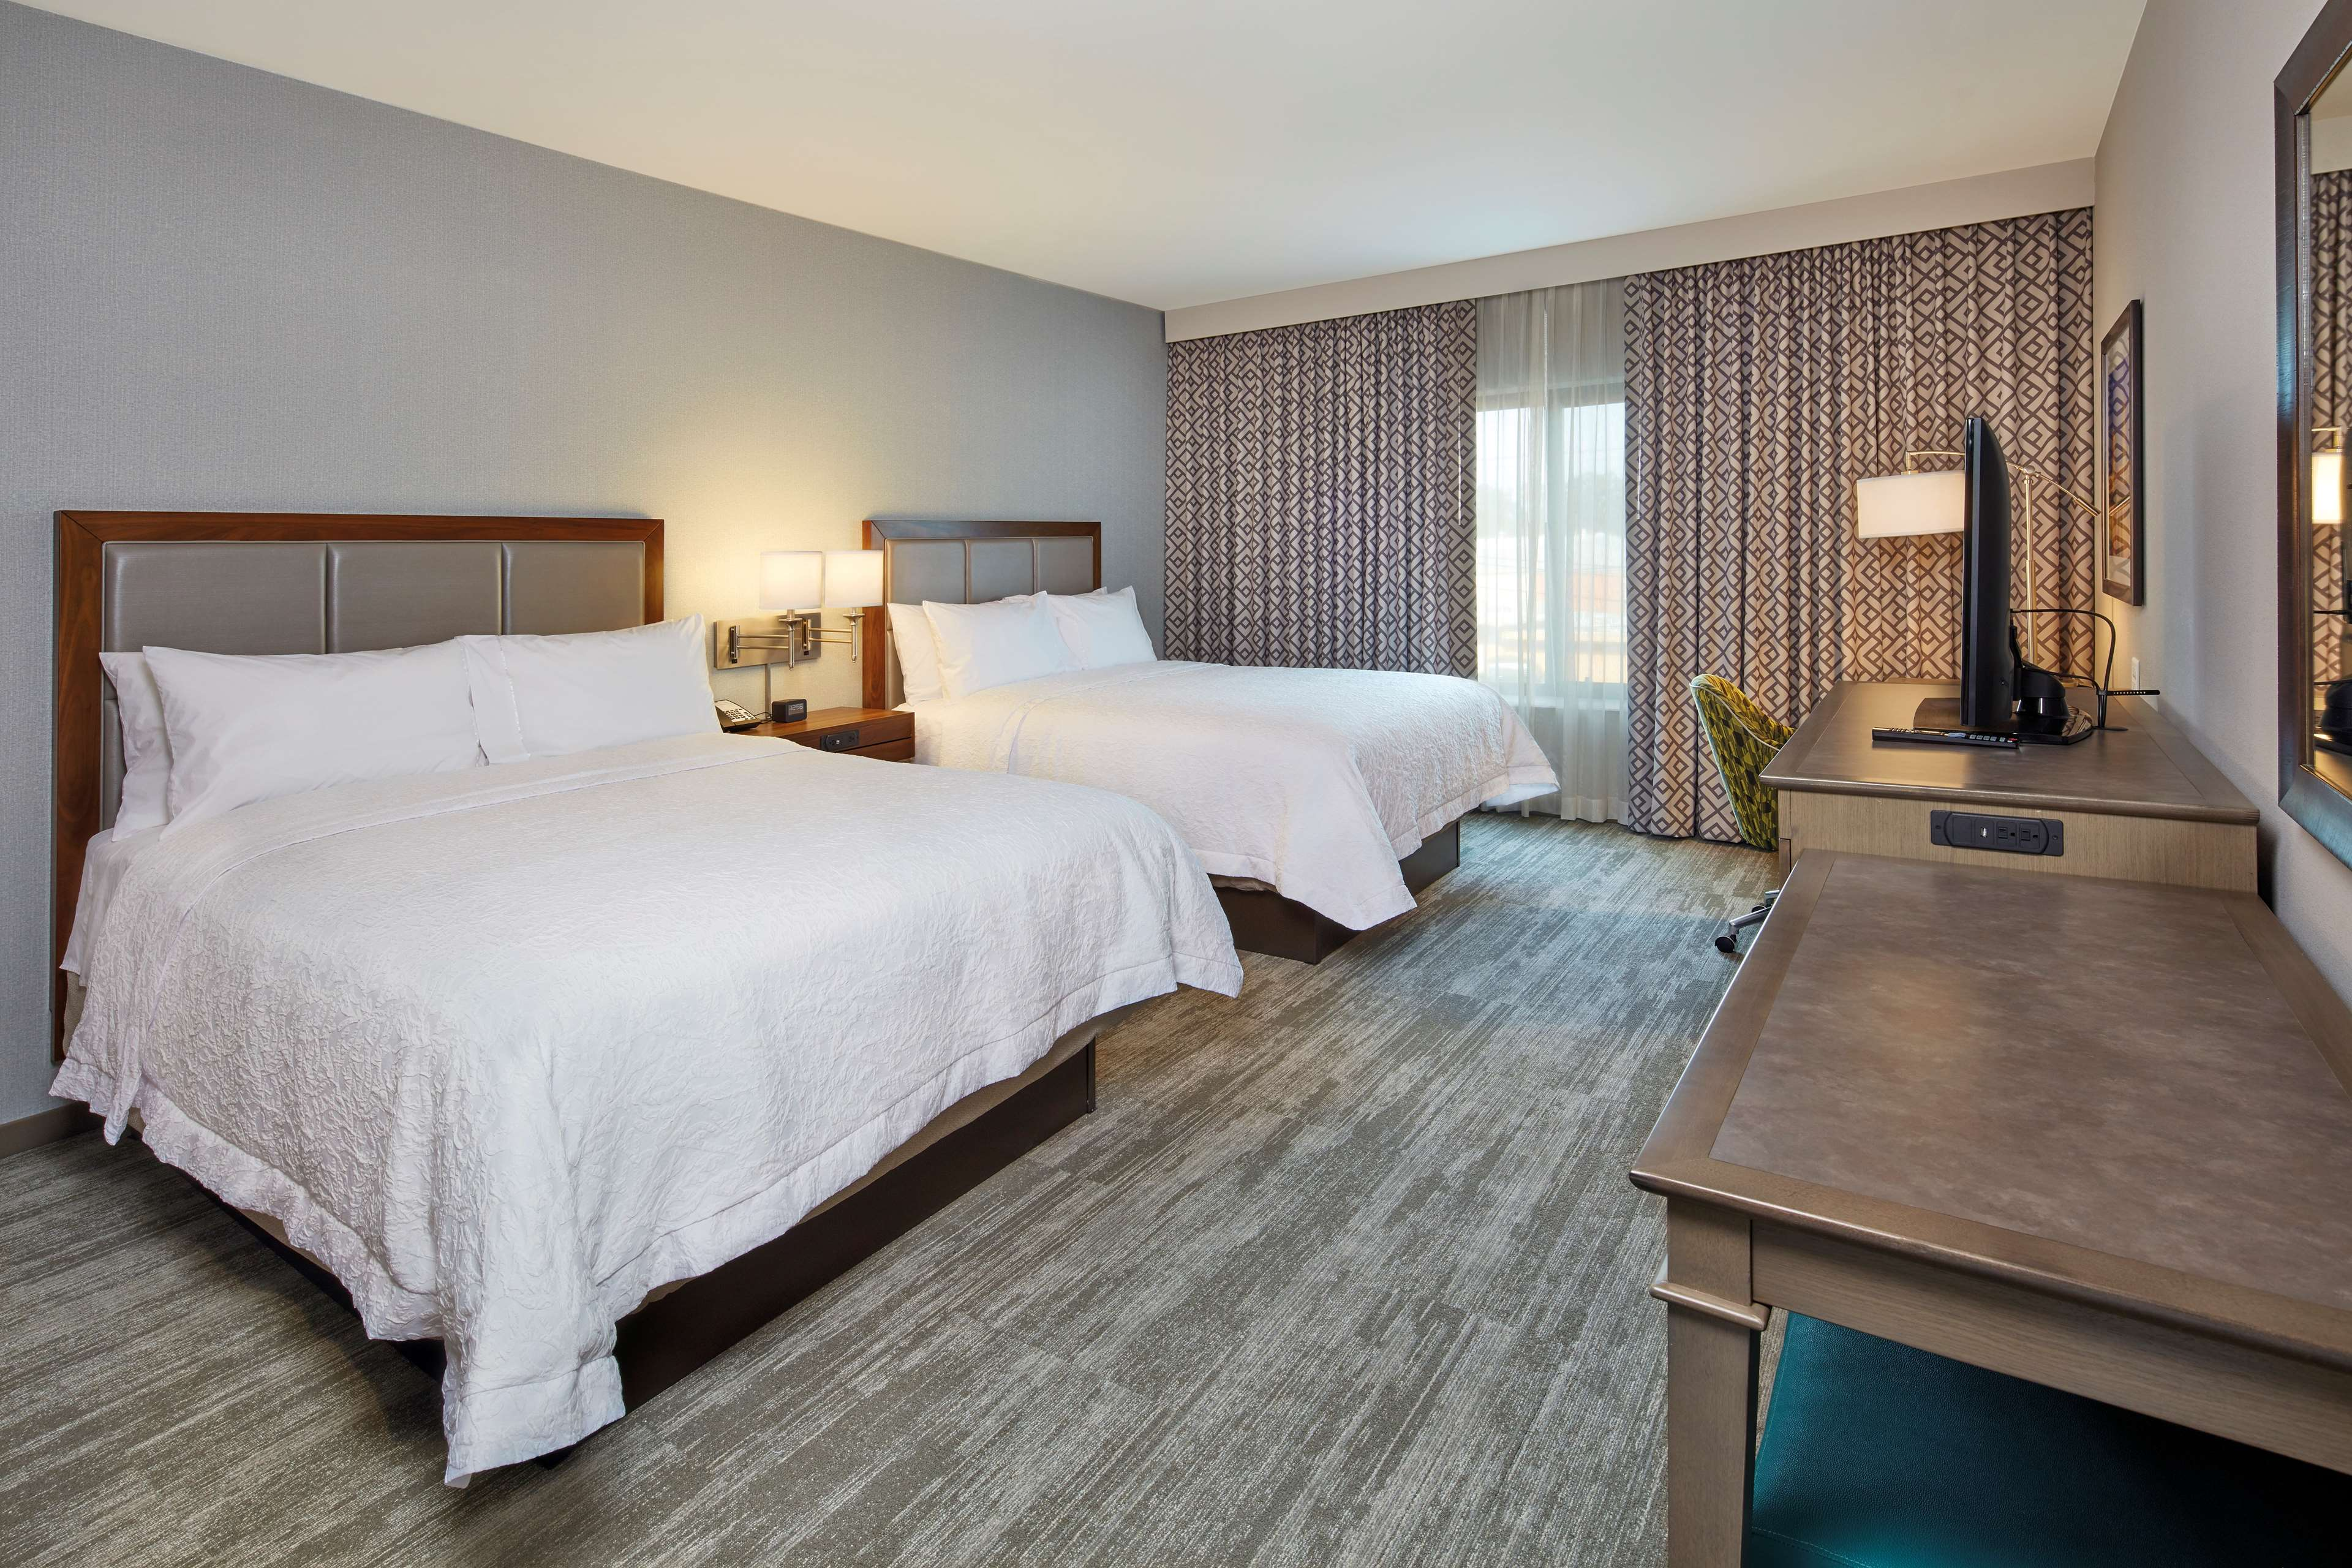 Hampton Inn & Suites Sacramento at CSUS image 21